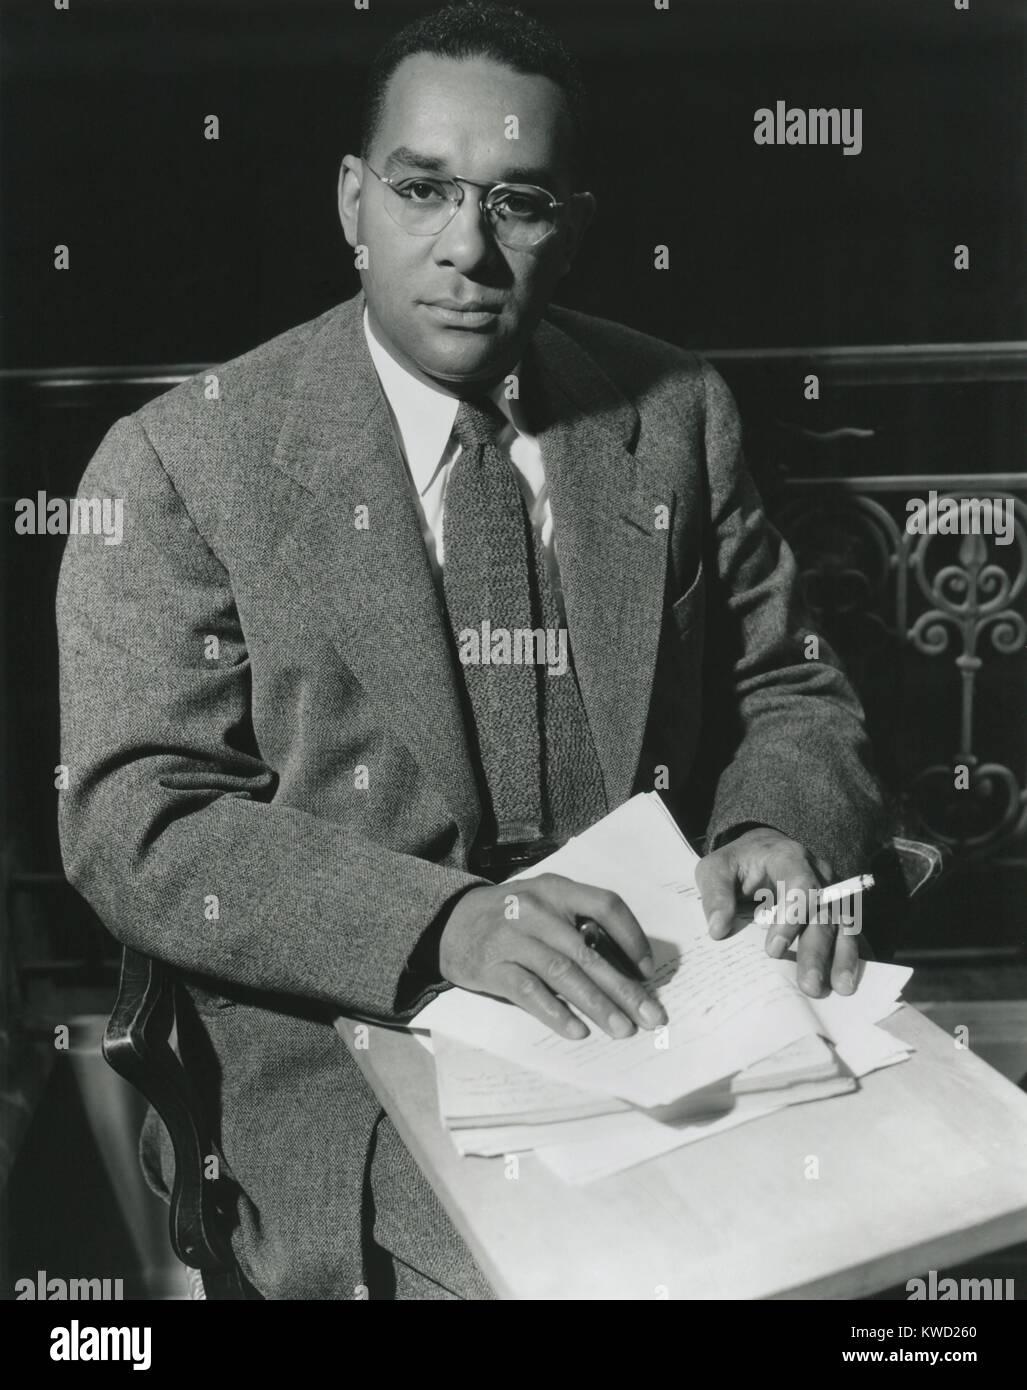 Richard Wright, fue el autor de hijo nativo (1940), la primera novela superventas por afro-americanos. Foto tomada Foto de stock